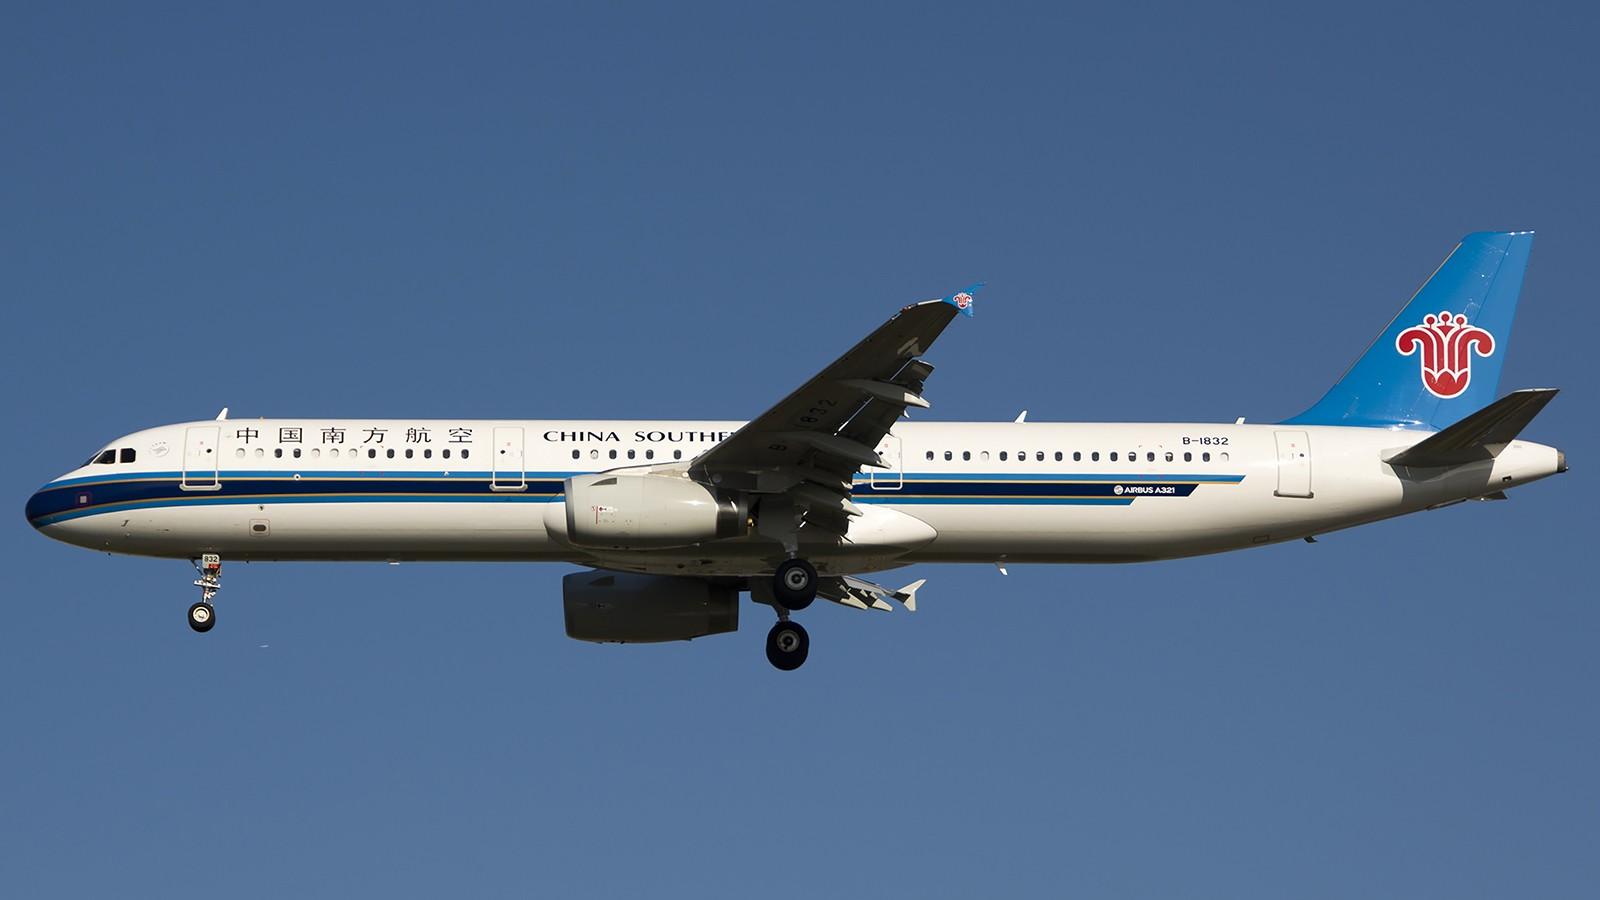 Re:[原创]难得赶上PEK周末好天气,各种常见机型都有收获 AIRBUS A321-200 B-1832 中国北京首都机场